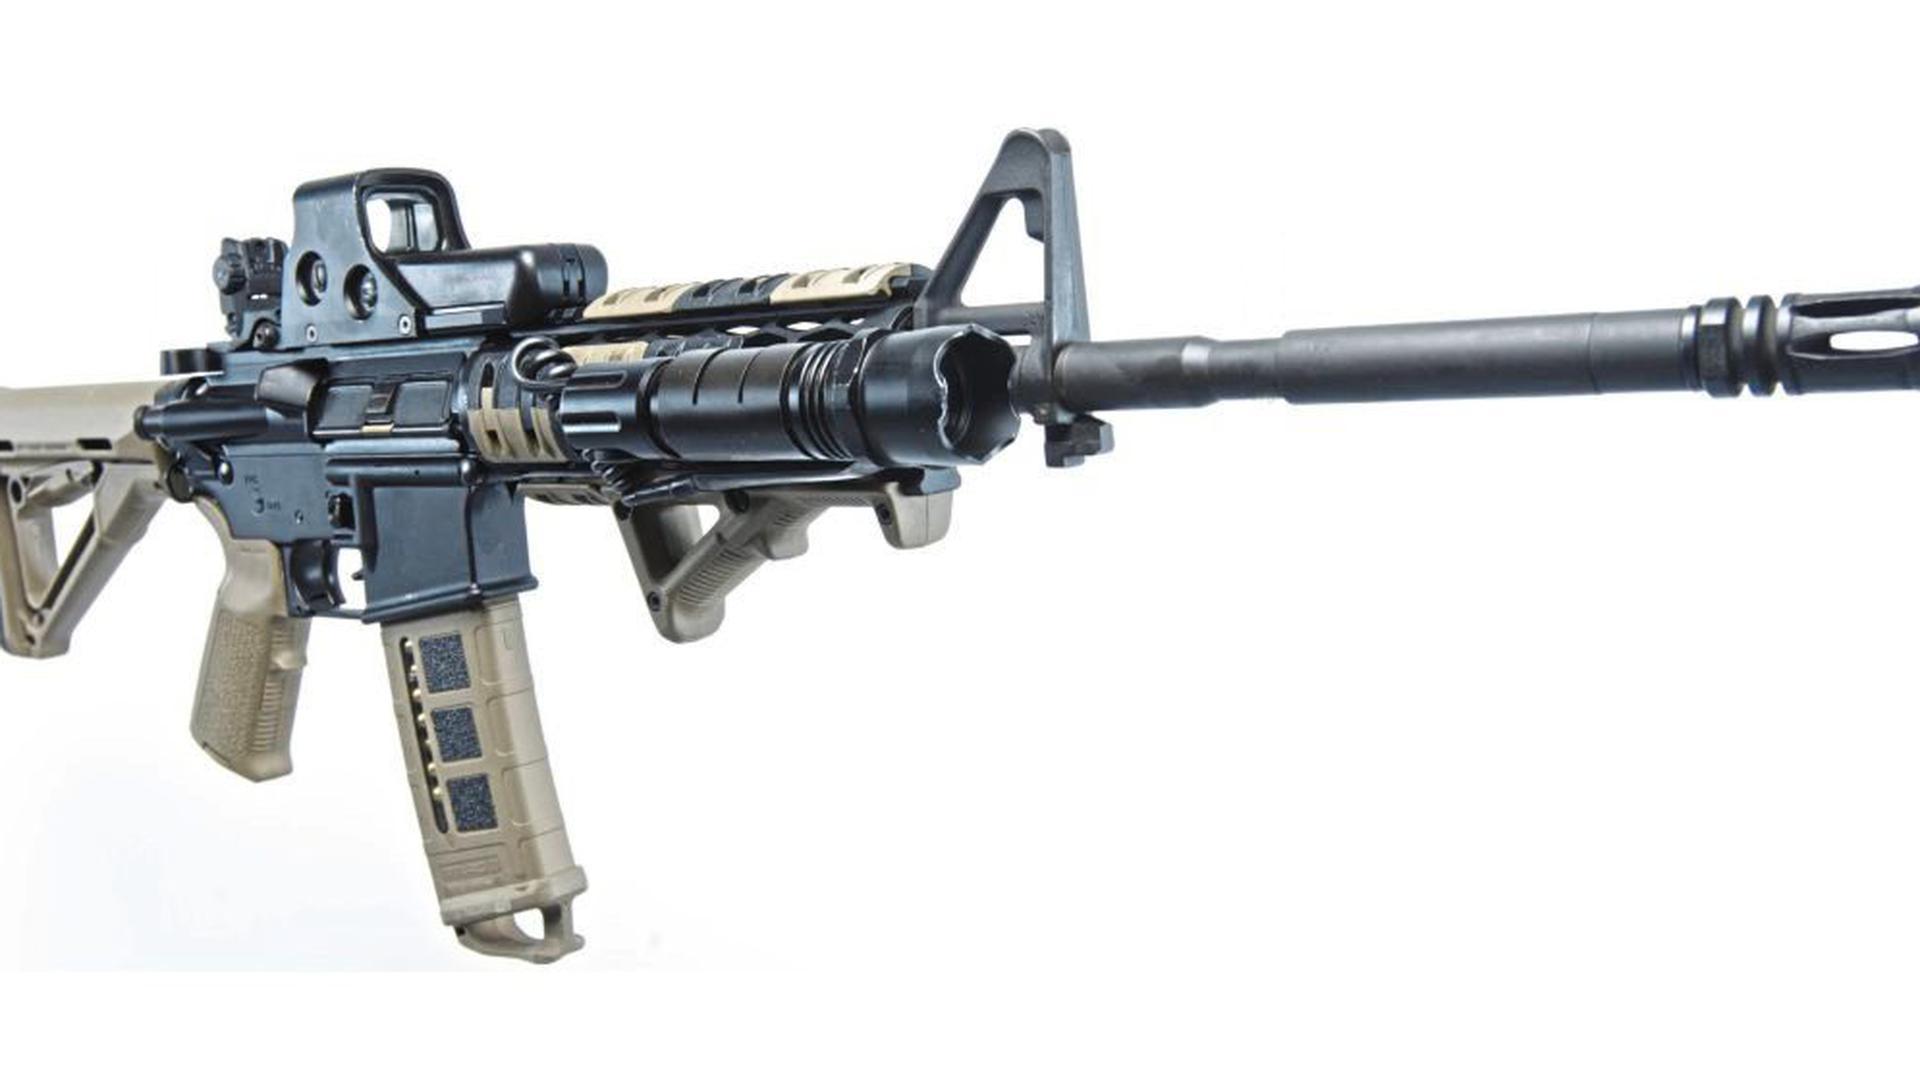 Ein AR-15-Gewehr. Eine ähnliche Waffe soll Simon Paulus besessen haben.